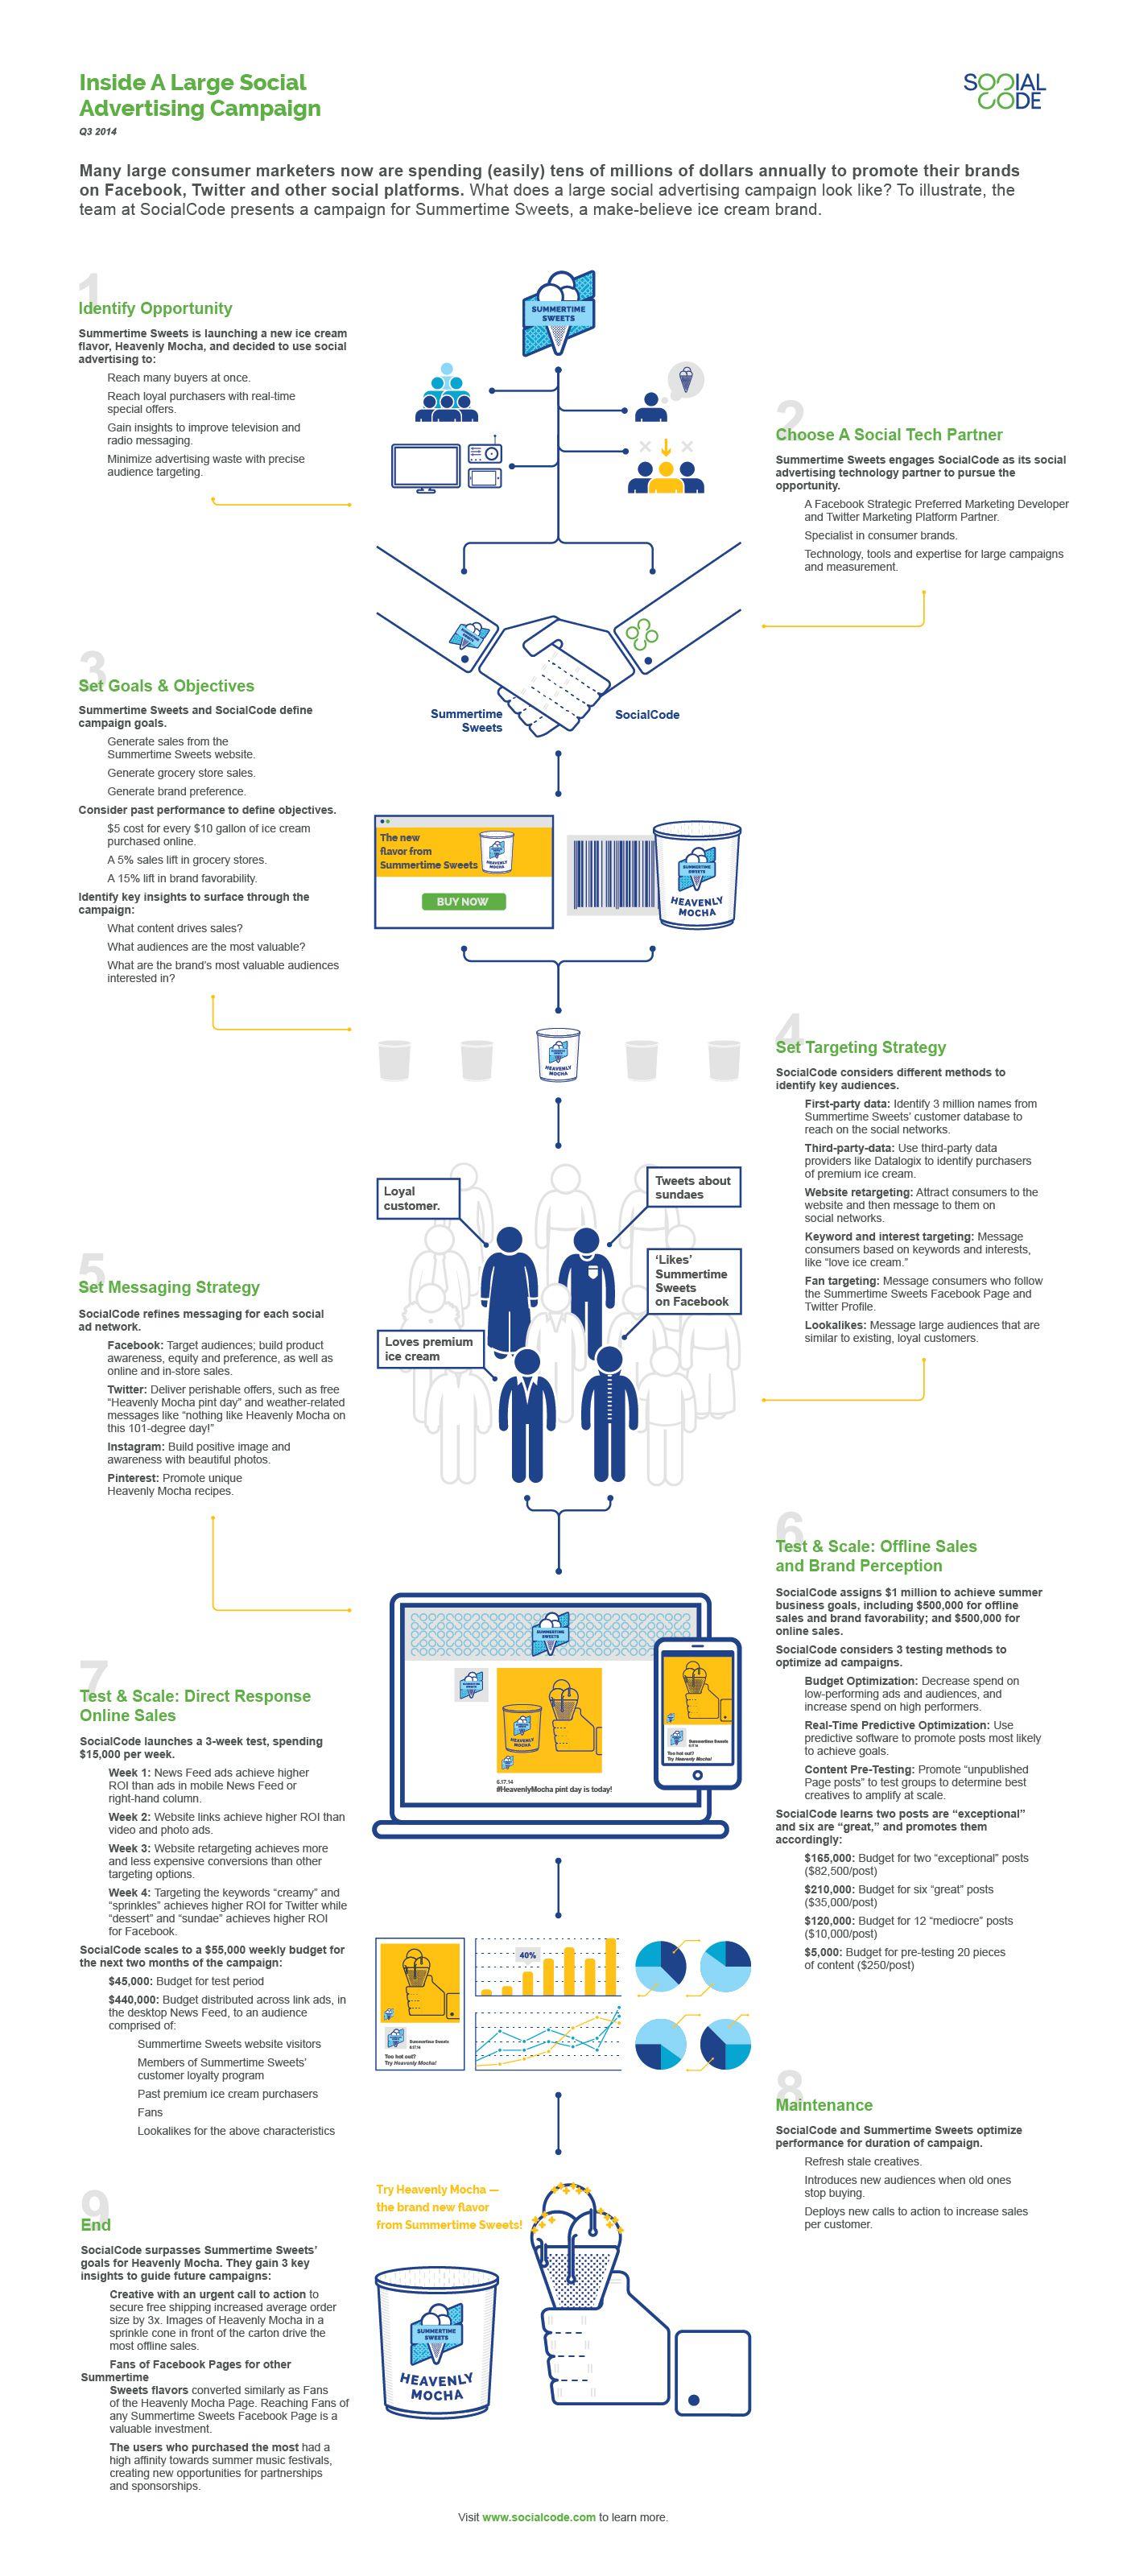 Dentro de una campaña de publicidad de Facebook a gran escala #infografia #infographic #socialmedia   Infografía que muestra cómo las marcas trabajan con las agencias para crear campañas publicitarias atractivas e interesantes sobre Facebook.